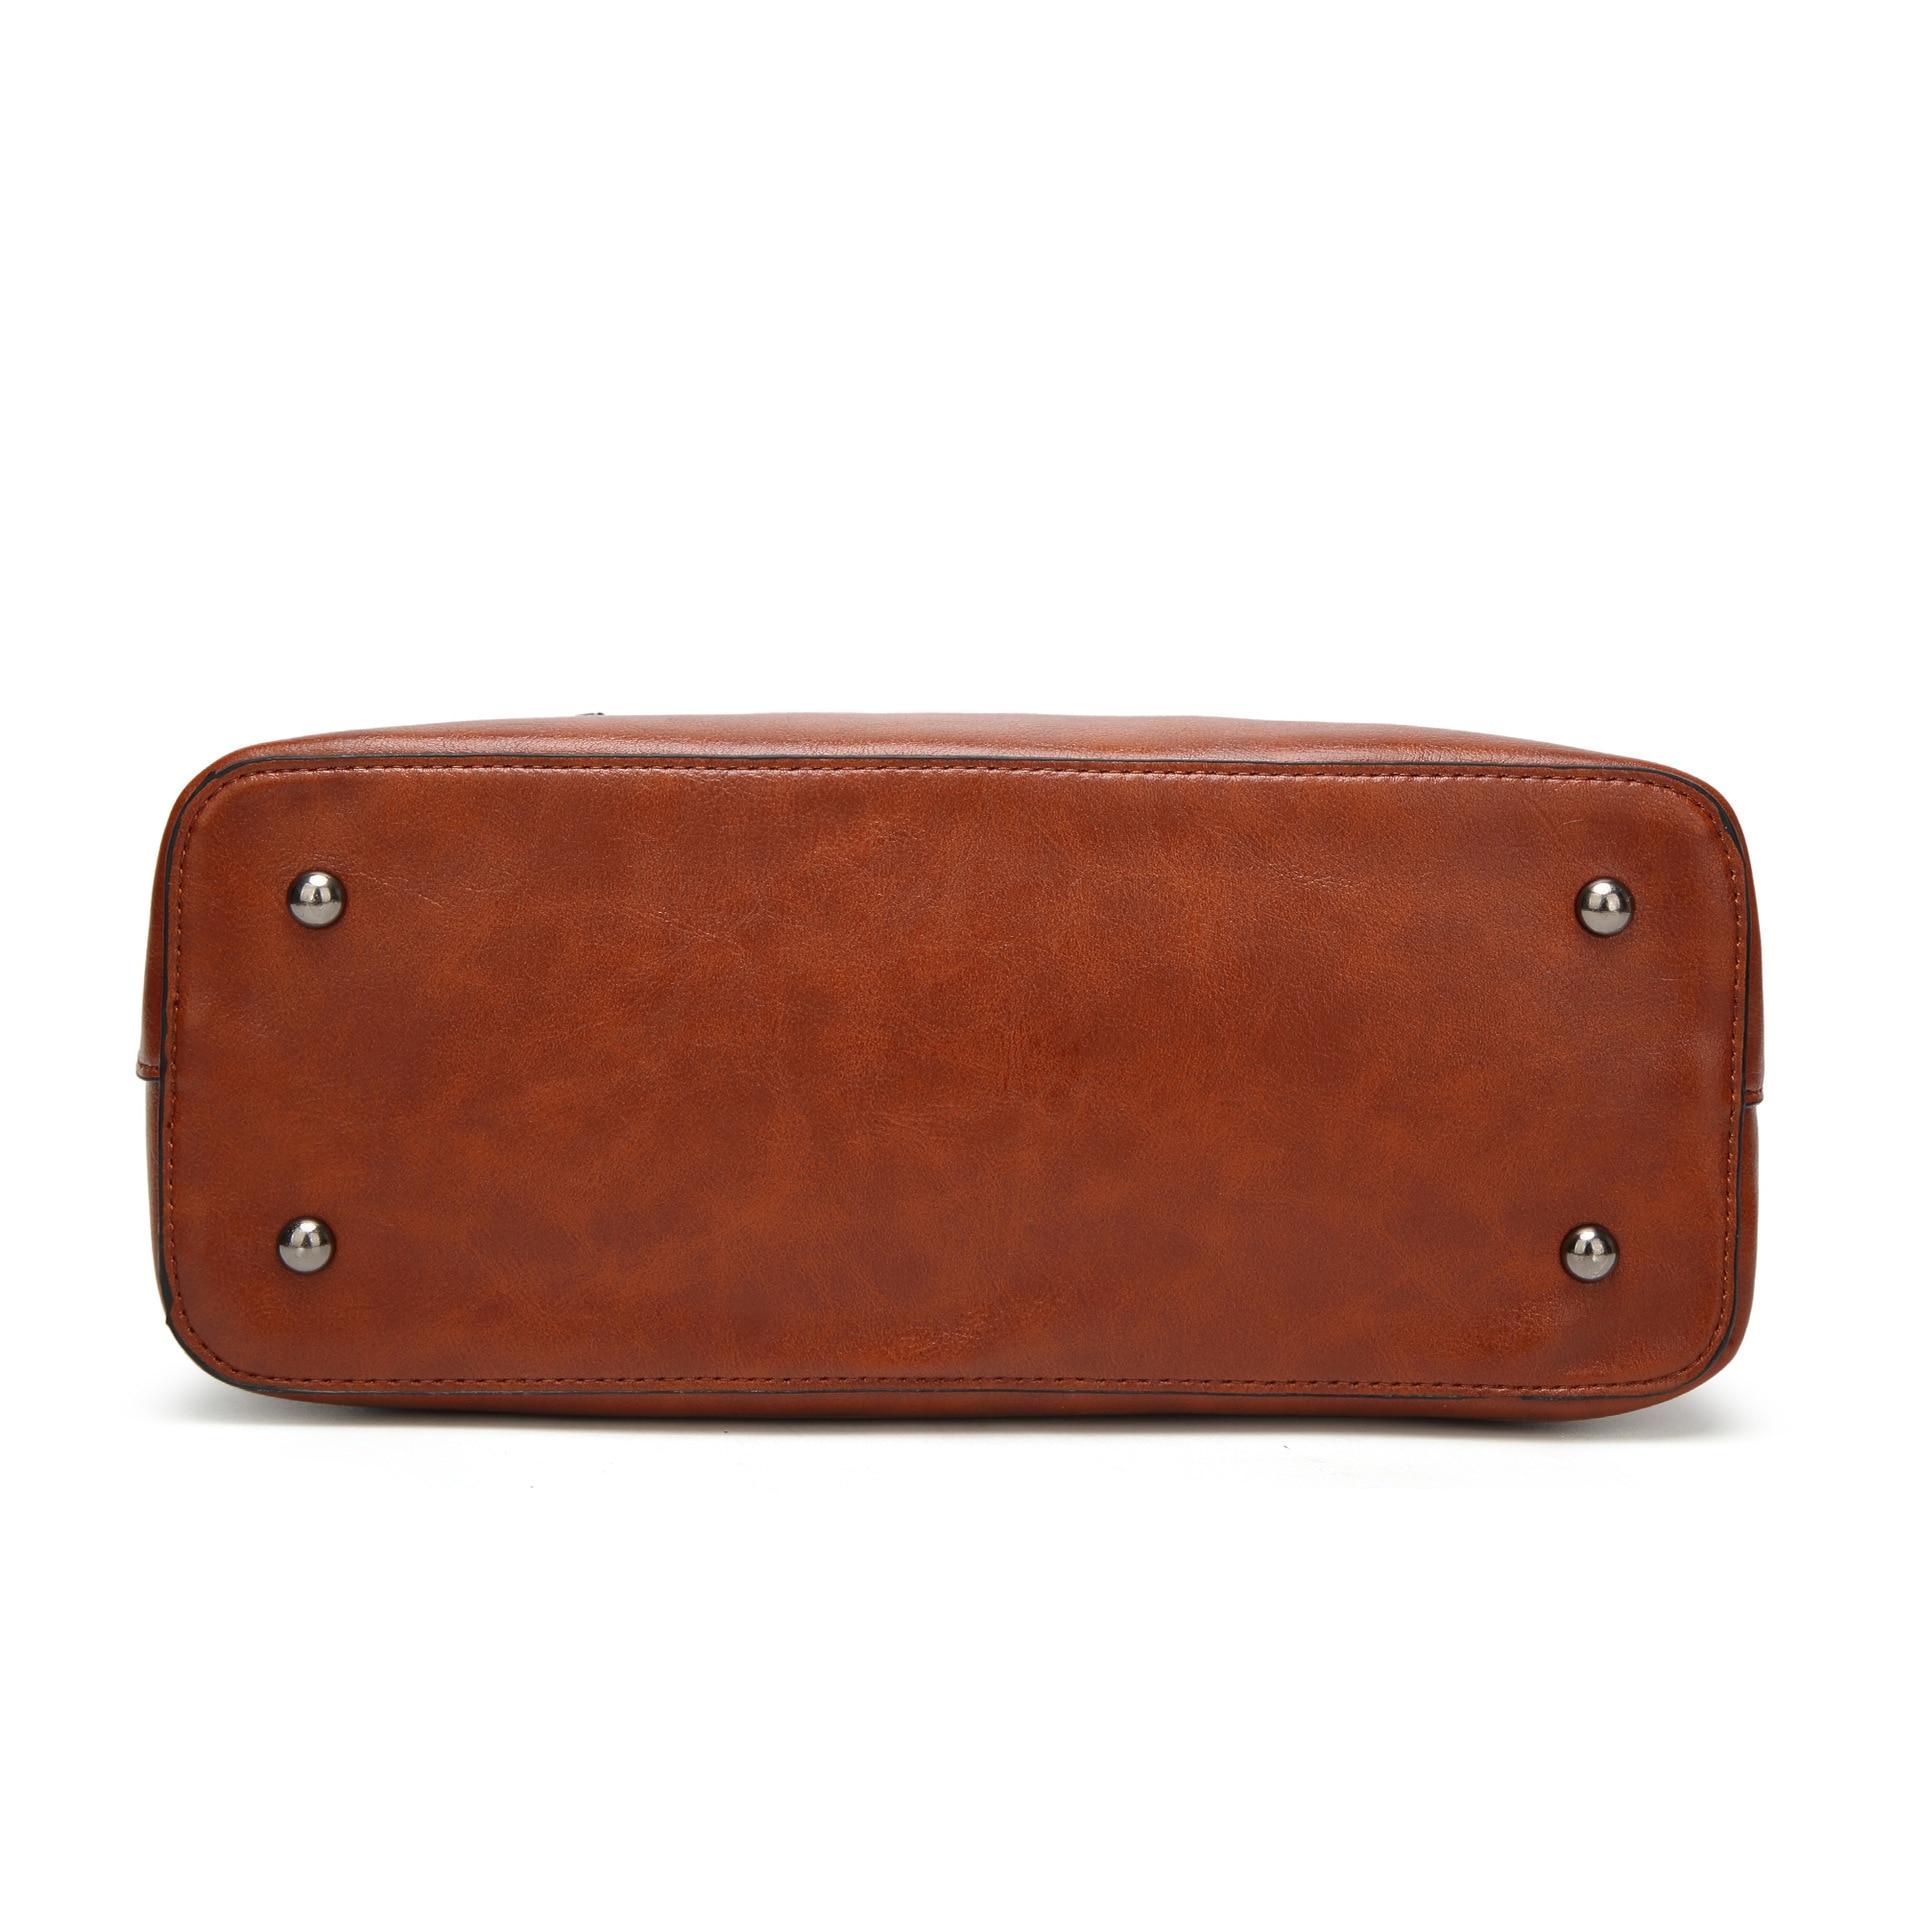 Image 4 - Сумка ведро из вощеной кожи, простая сумка через плечо с двойным ремешком для женщин 2018, универсальная сумка для шоппингаСумки с ручками   -